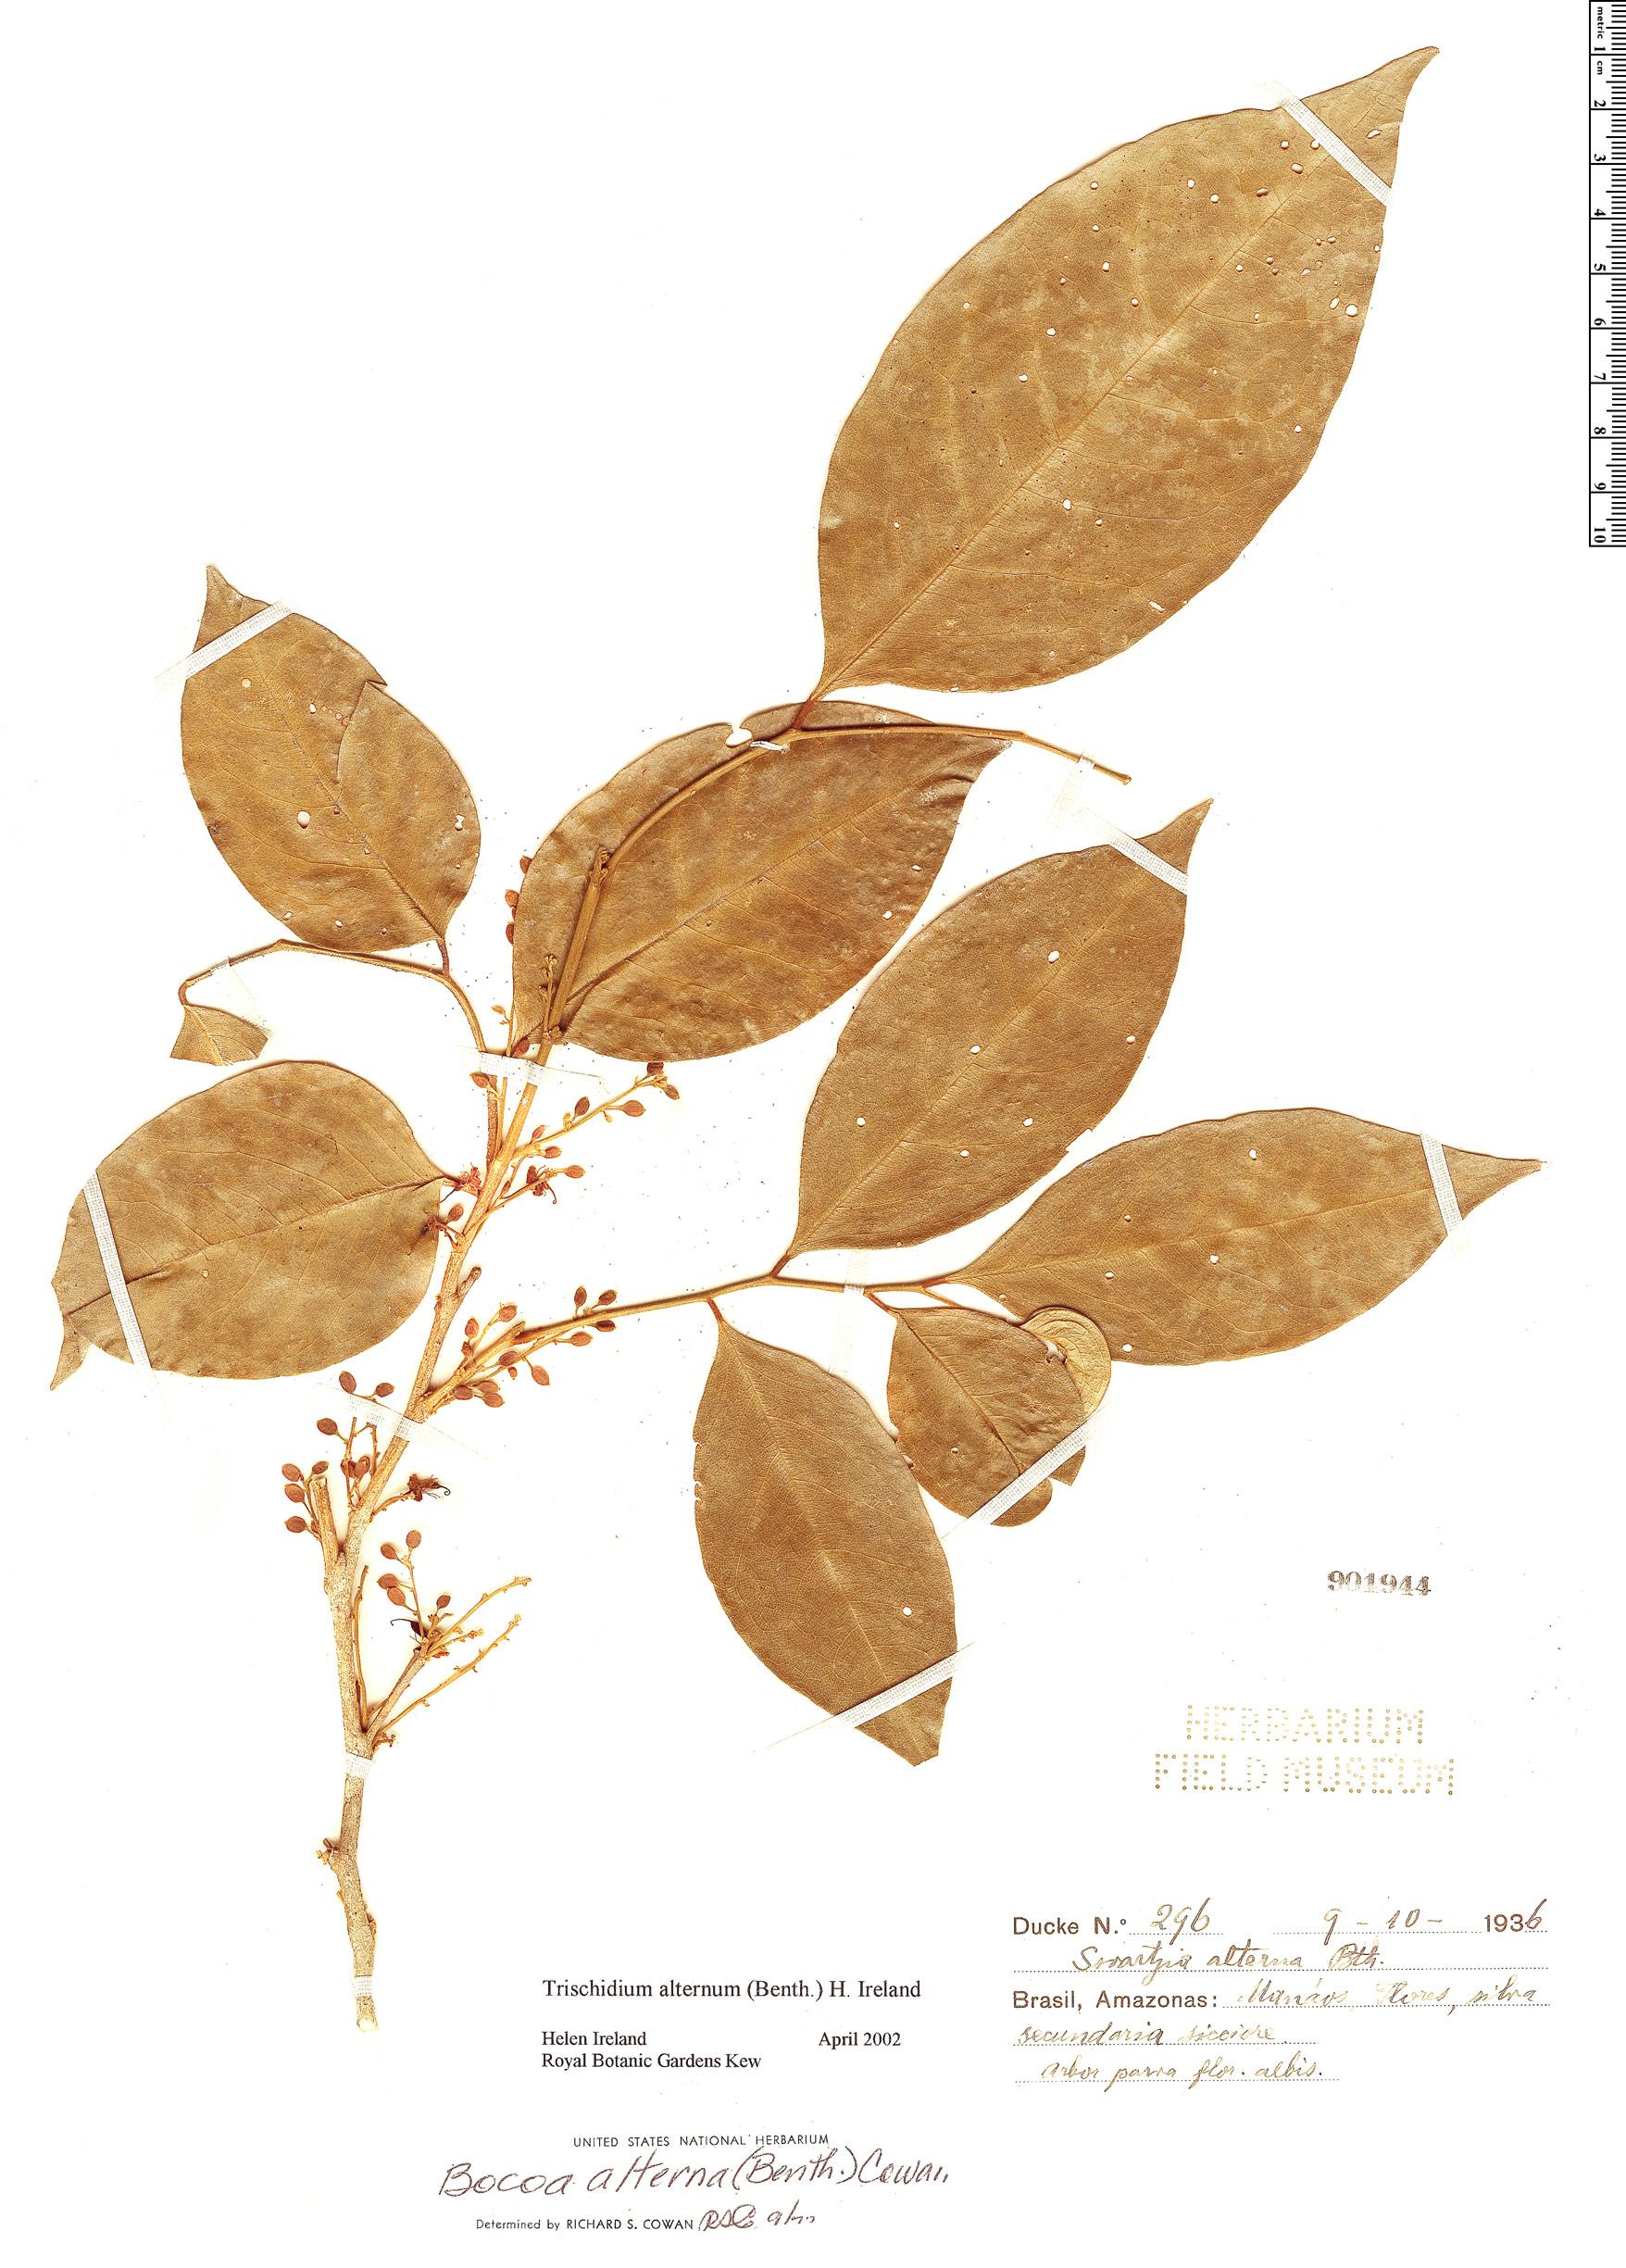 Specimen: Trischidium alternum